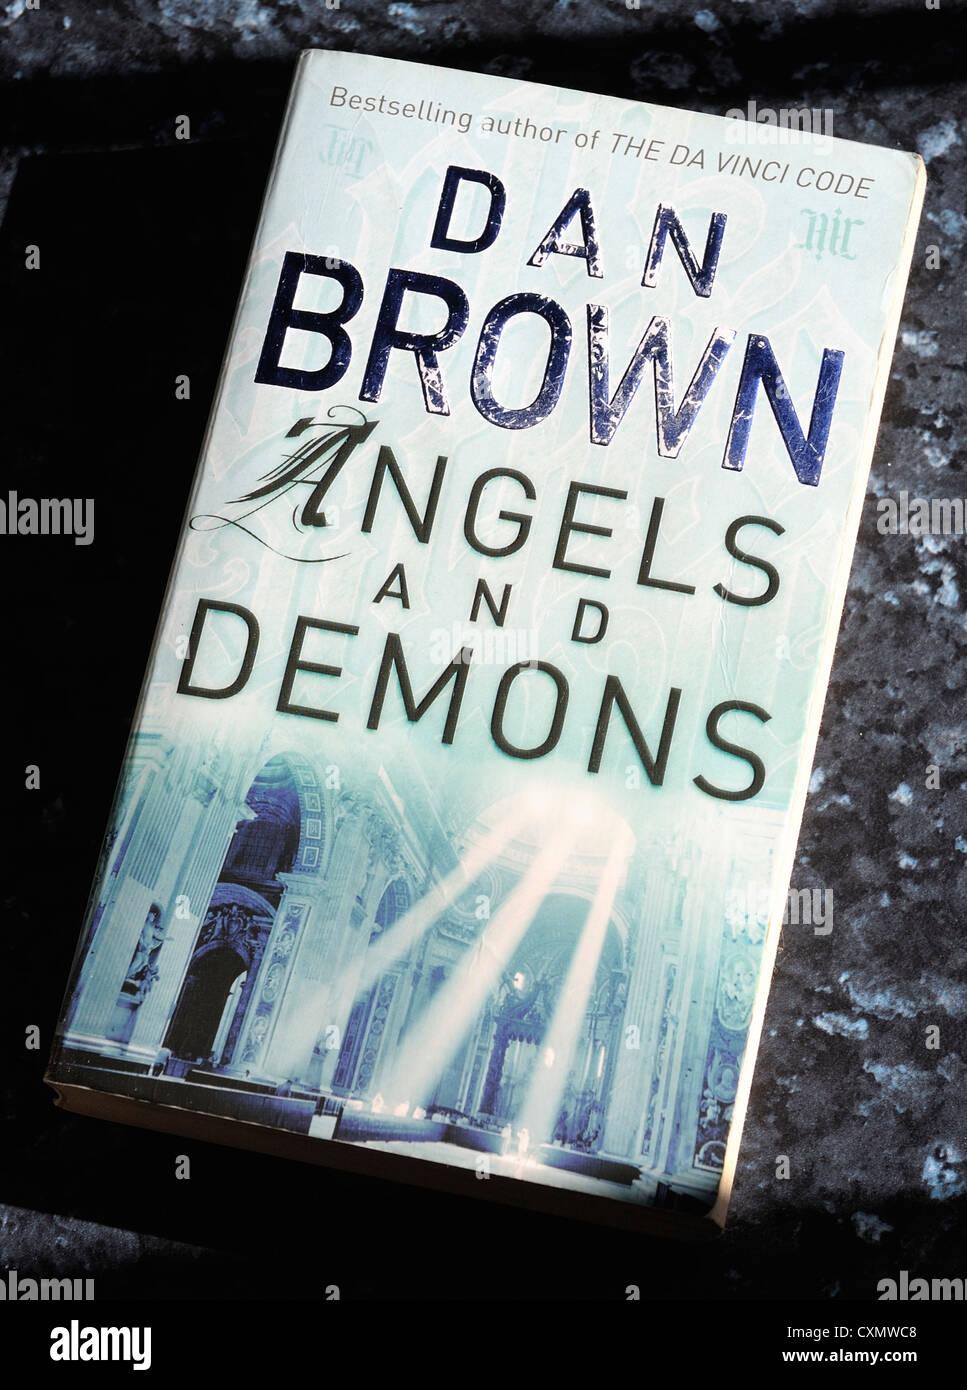 Dan brown Engel und Dämonen Buchcover Stockfotografie   Alamy